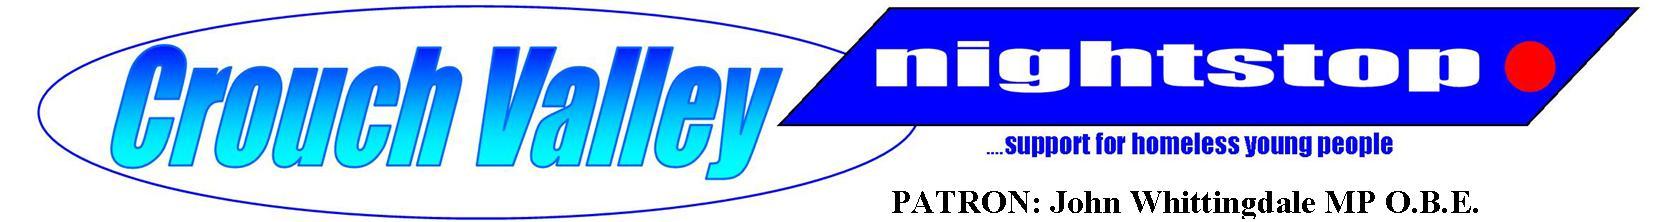 CVNS logo